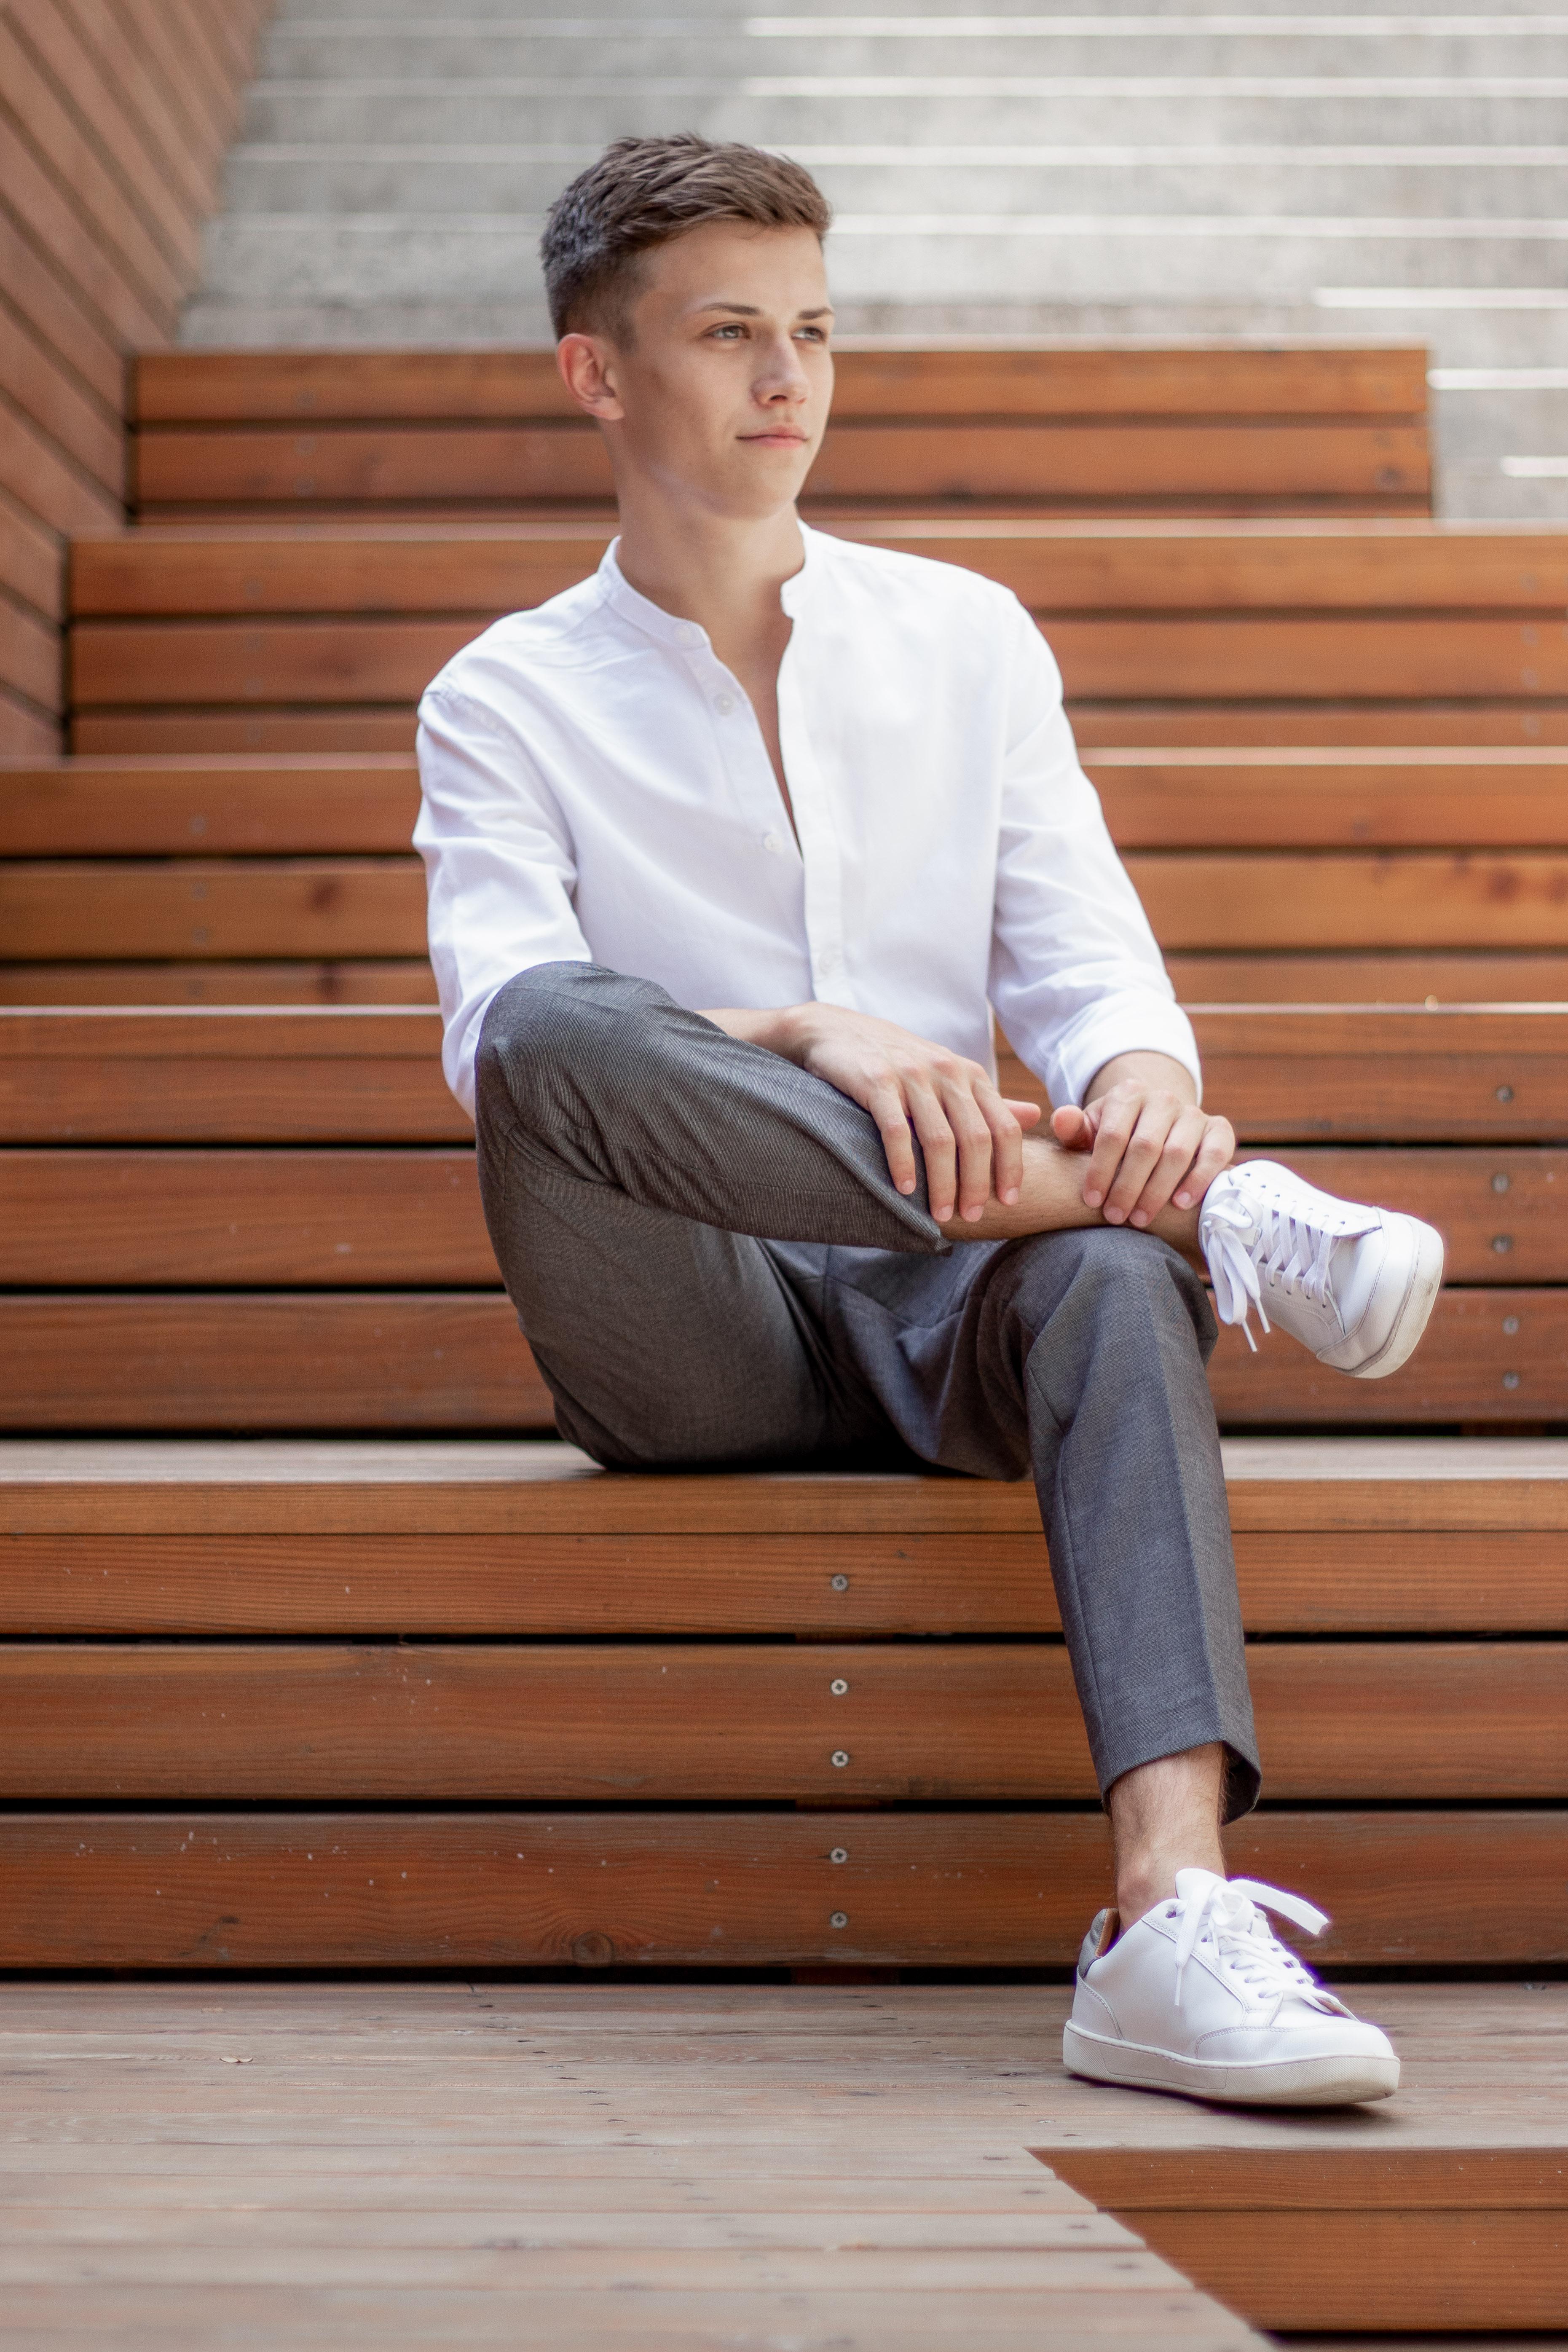 Portrét Jakuba Kuldy, který se postará o vaše sociální sítě